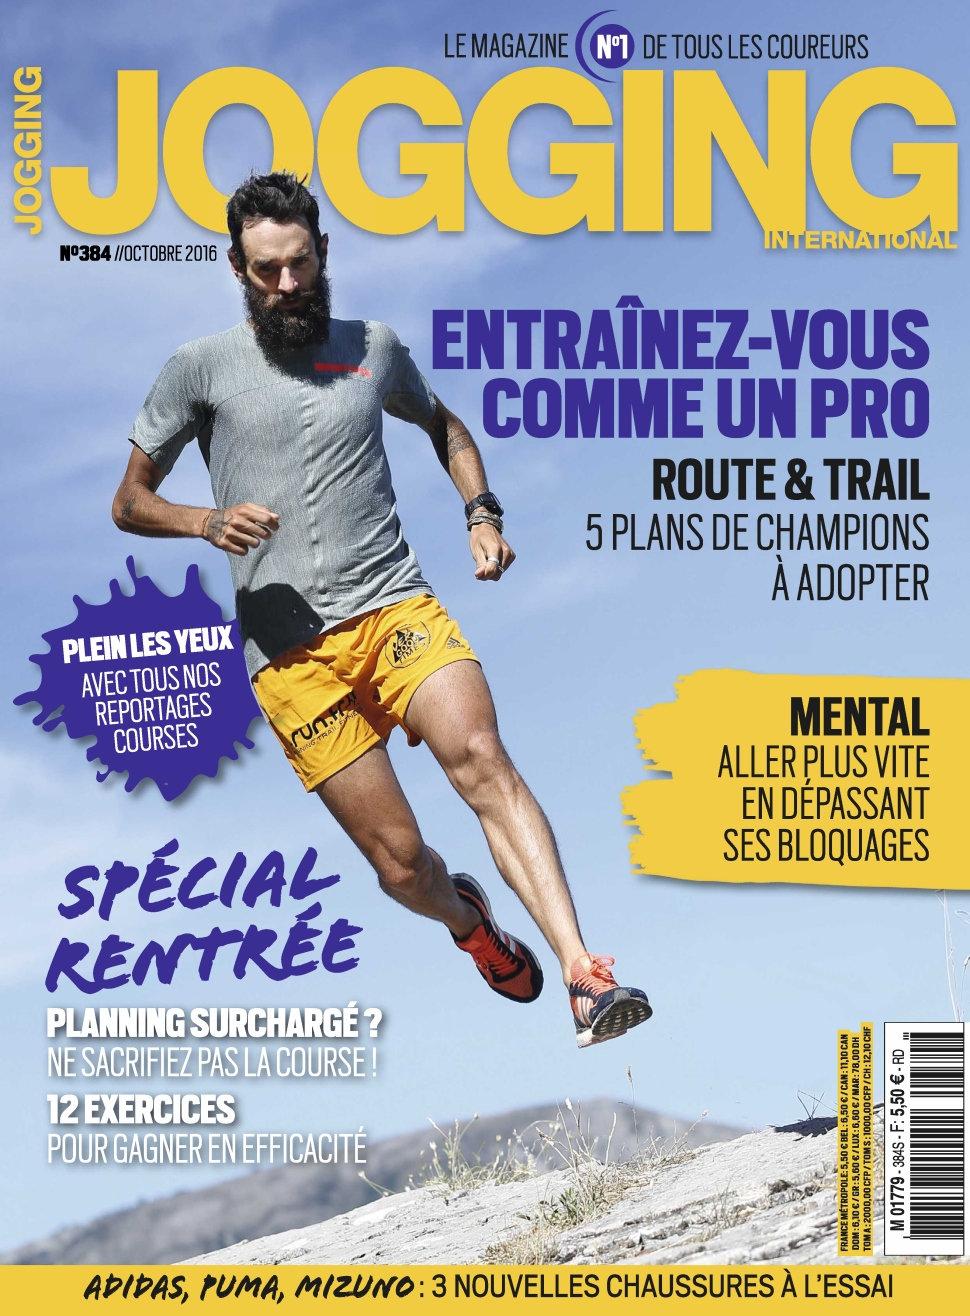 Jogging International N°384 - Octobre 2016